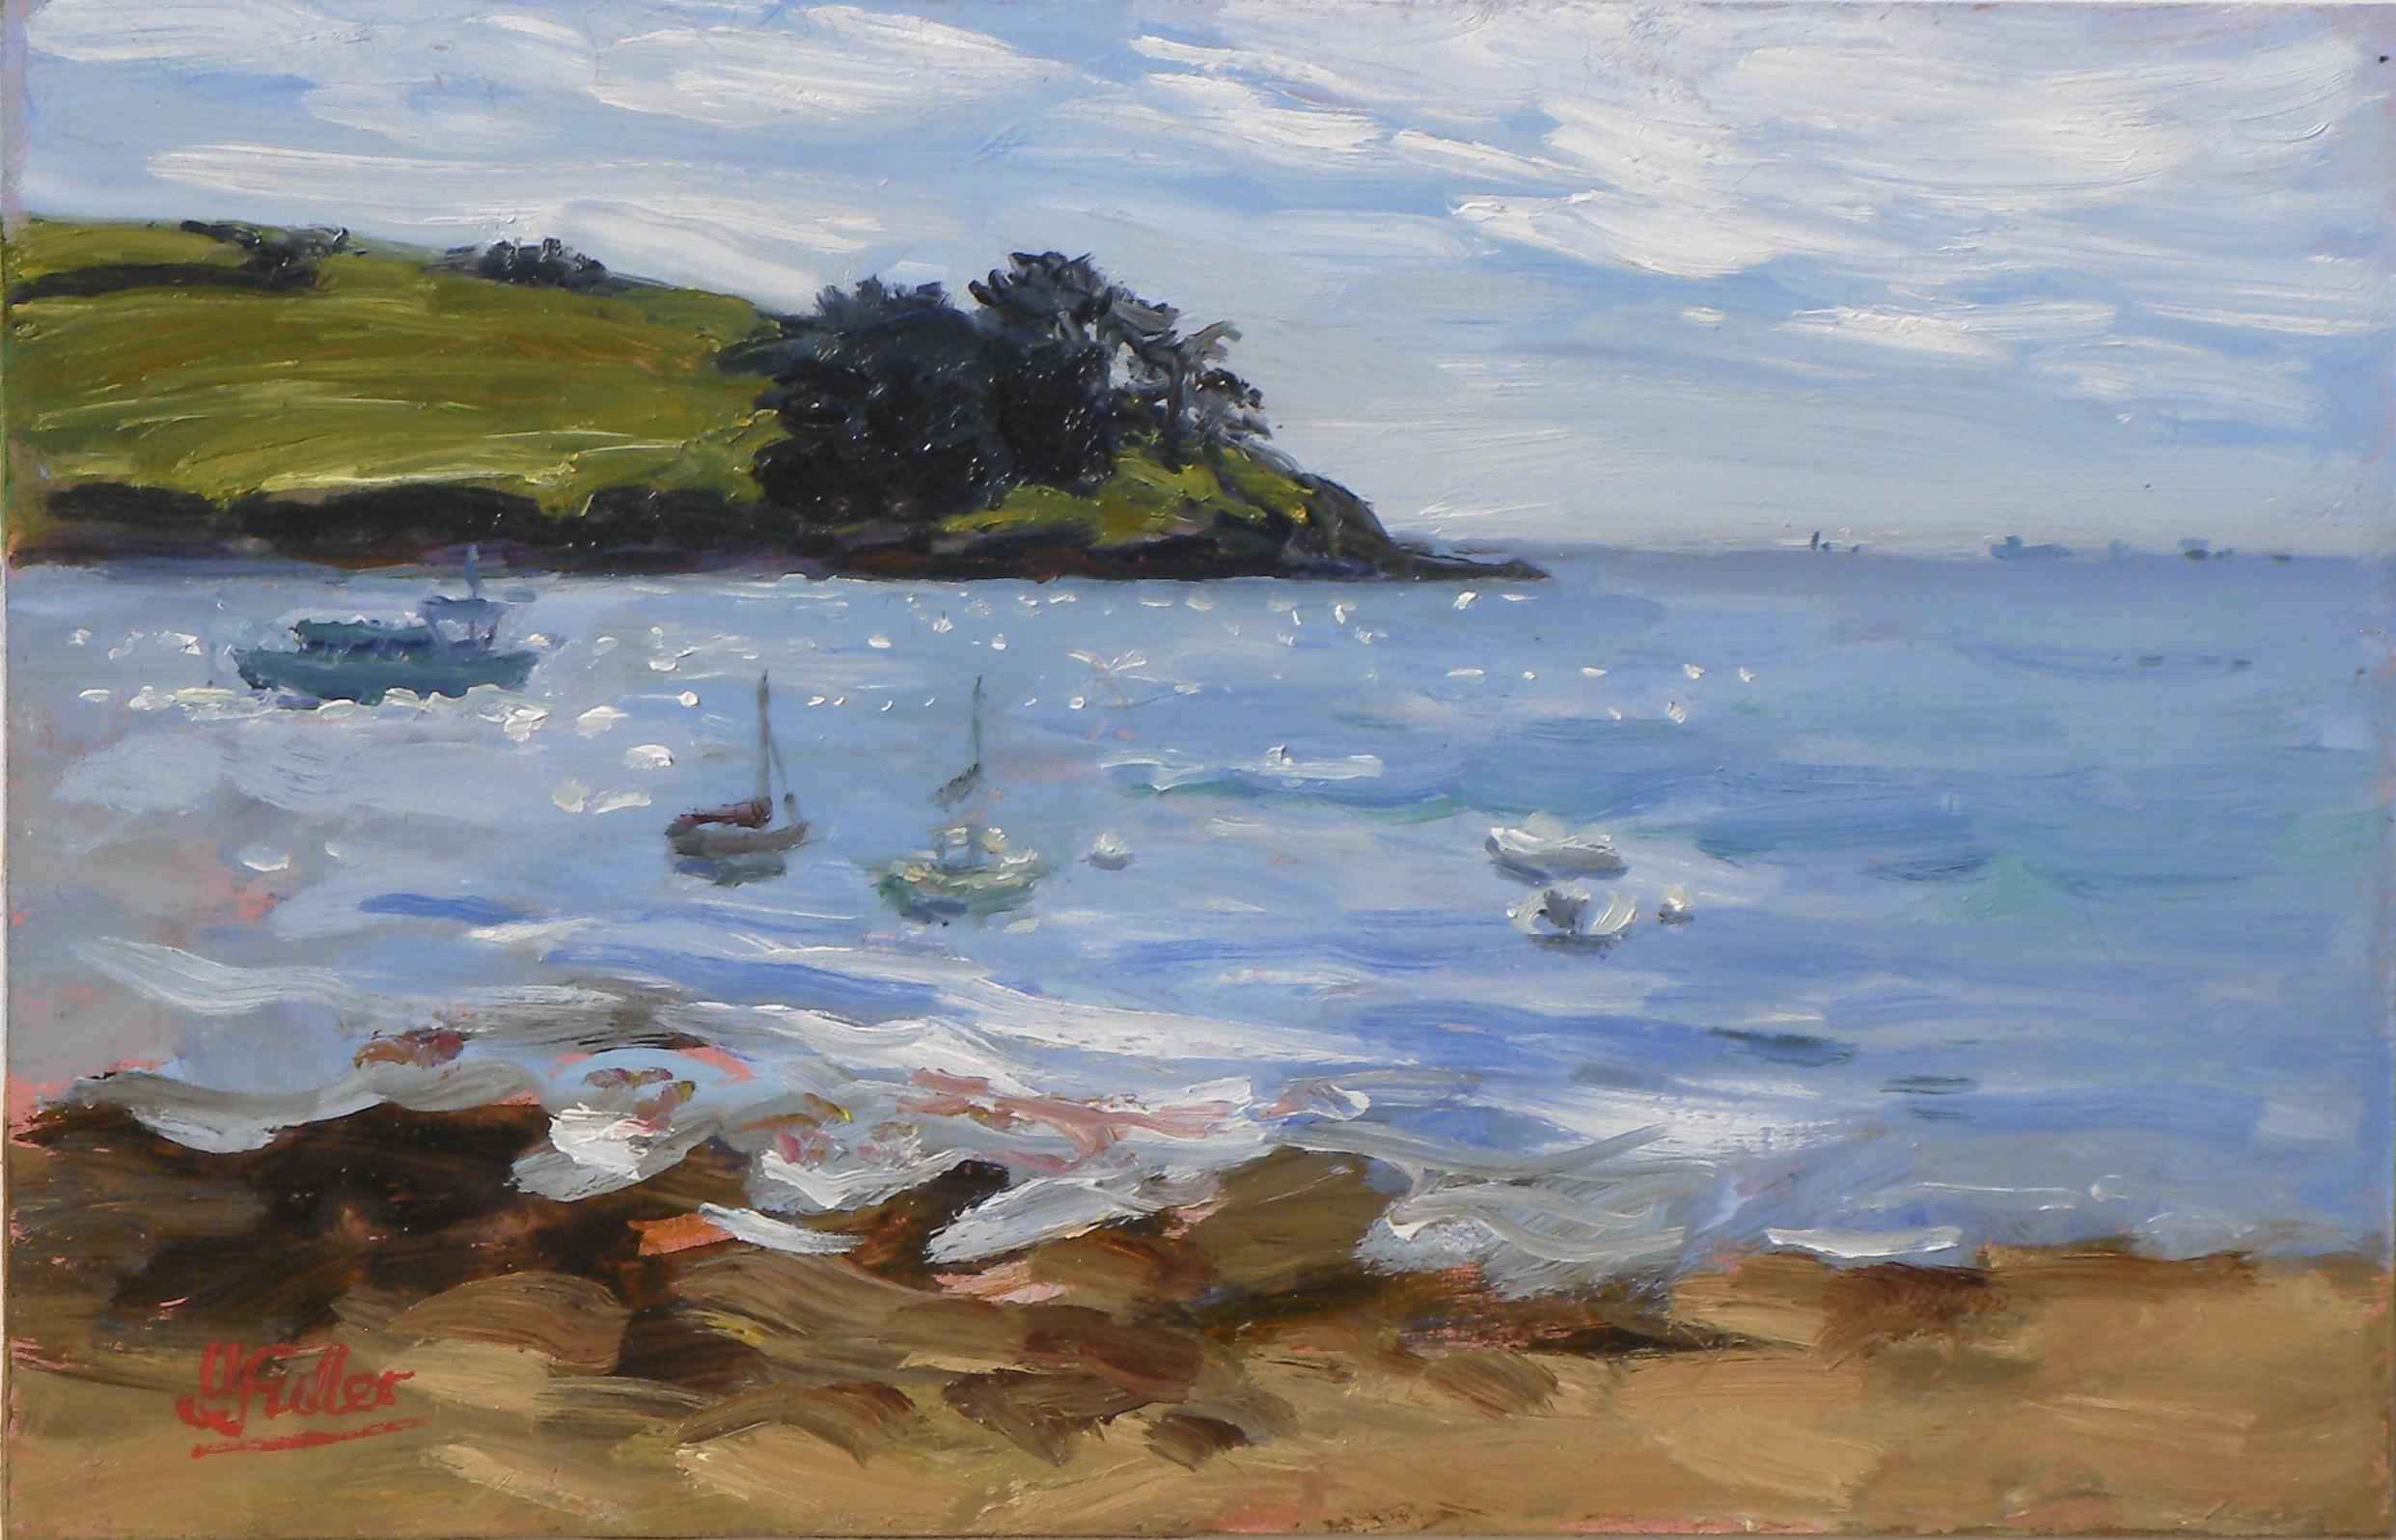 723 Carricknath from Tavern Beach